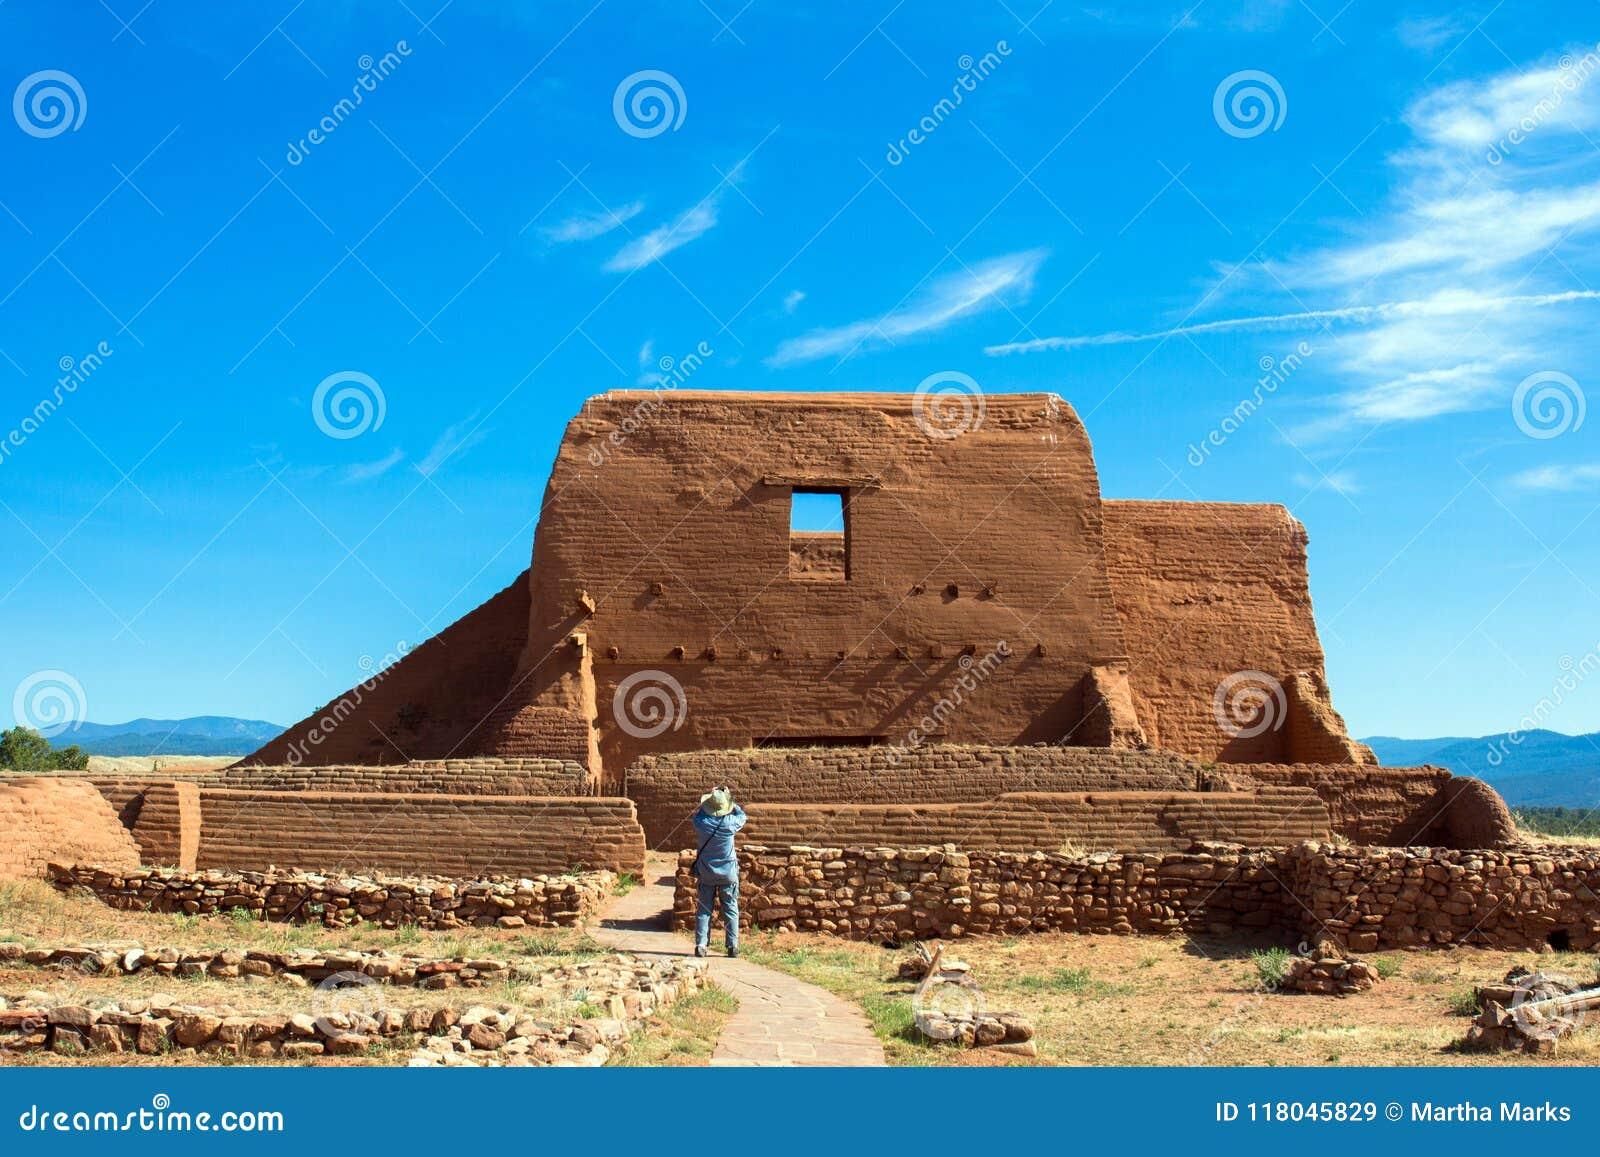 Ein Tourist fotografiert die historische Auftragkirche in nationalem historischem Park PECO im Nordnew mexico